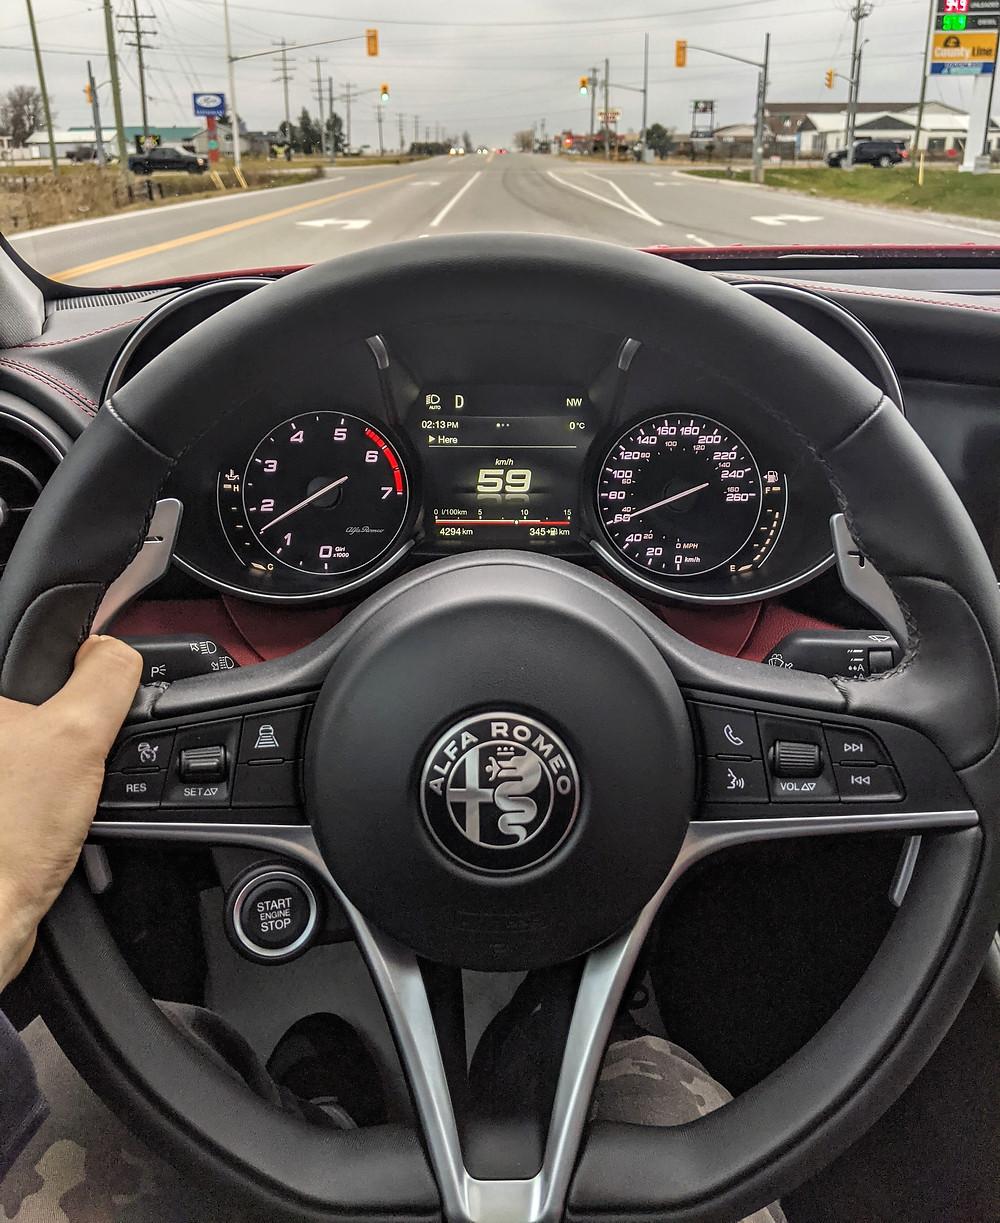 Alfa Romeo Giulia POV Driving Interior